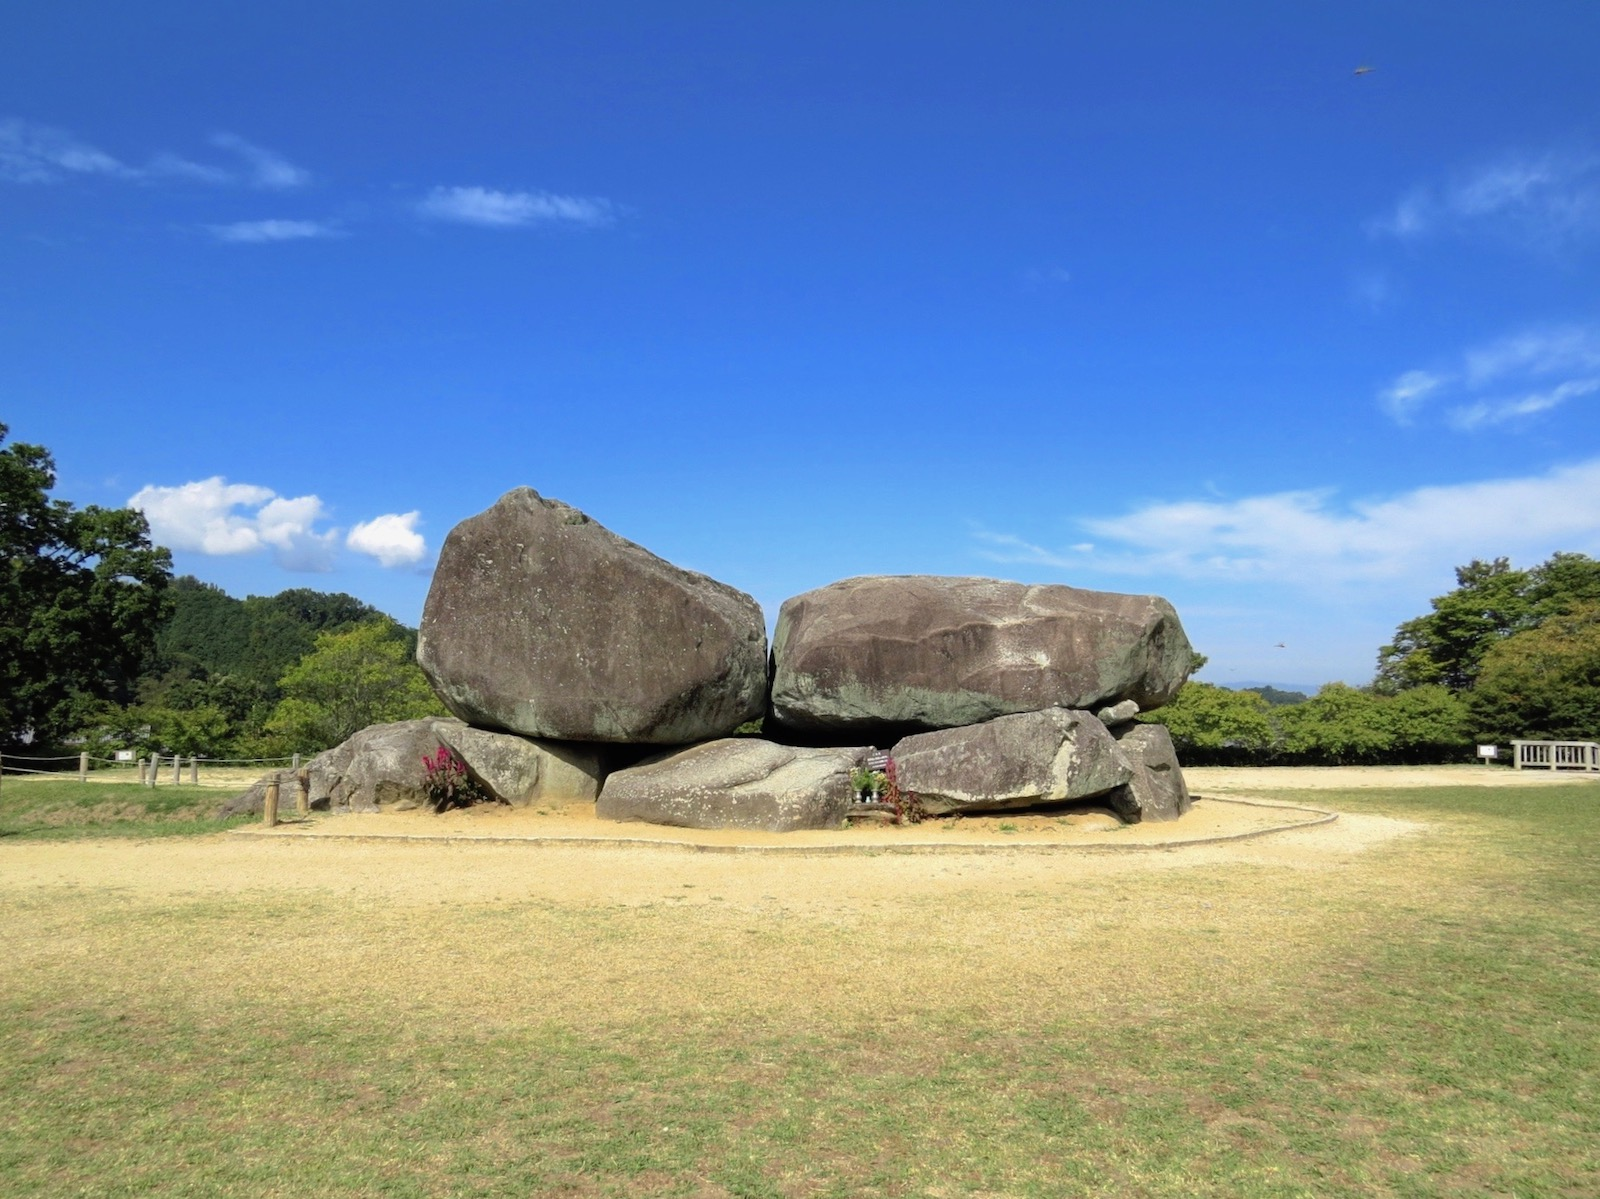 舞台 古墳 石 石舞台古墳は総重量2300t!埋葬者は蘇我馬子が有力候補の横穴式石室